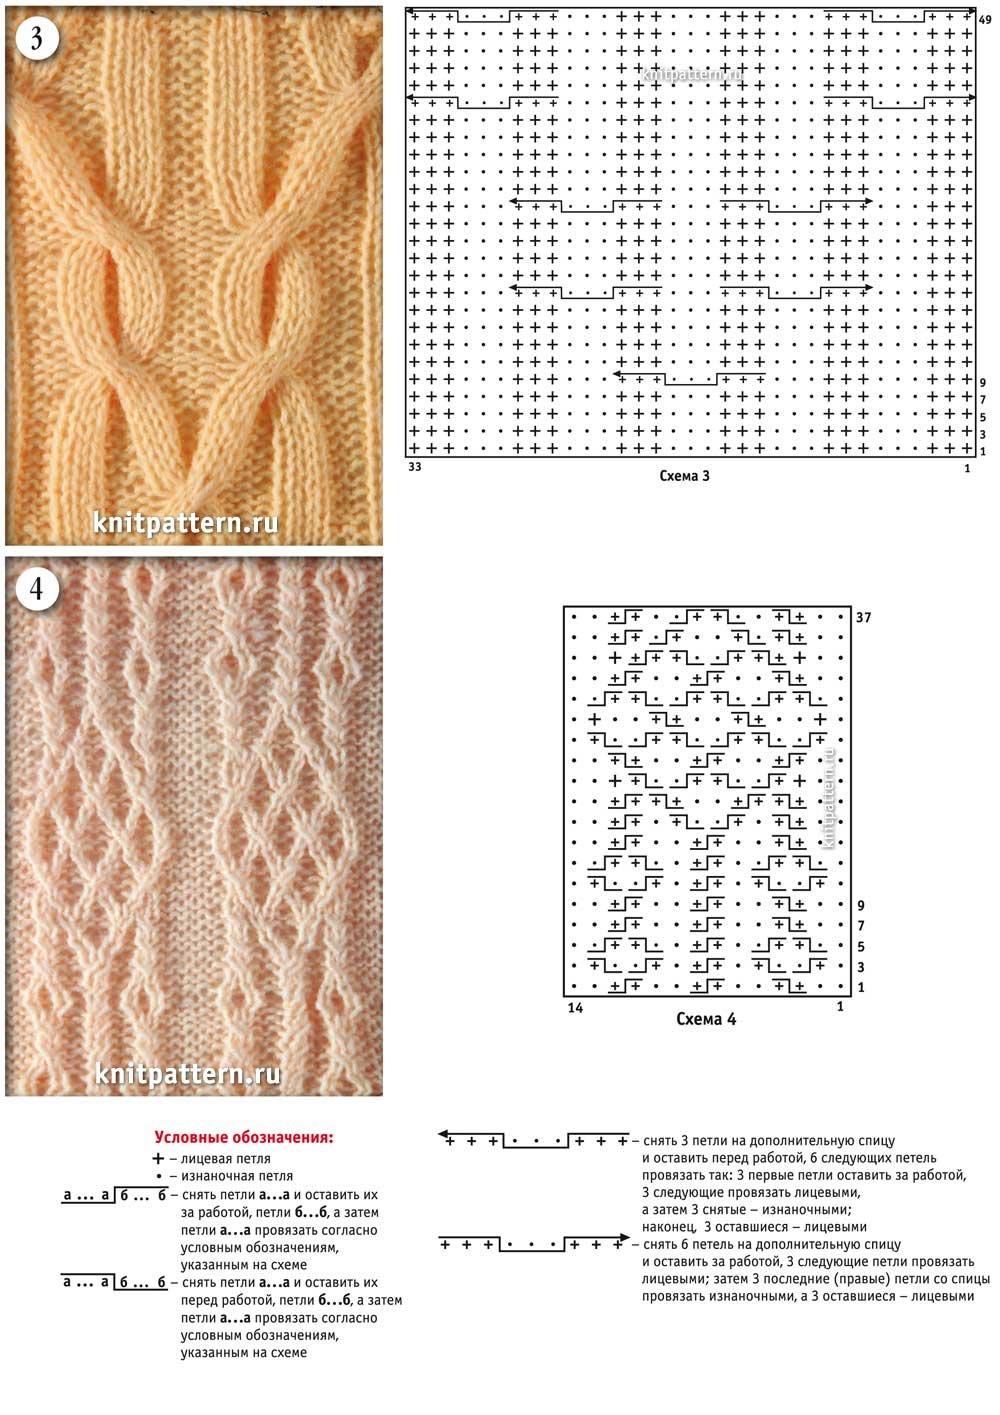 Крупные узоры спицами, схемы и описание Салон 60